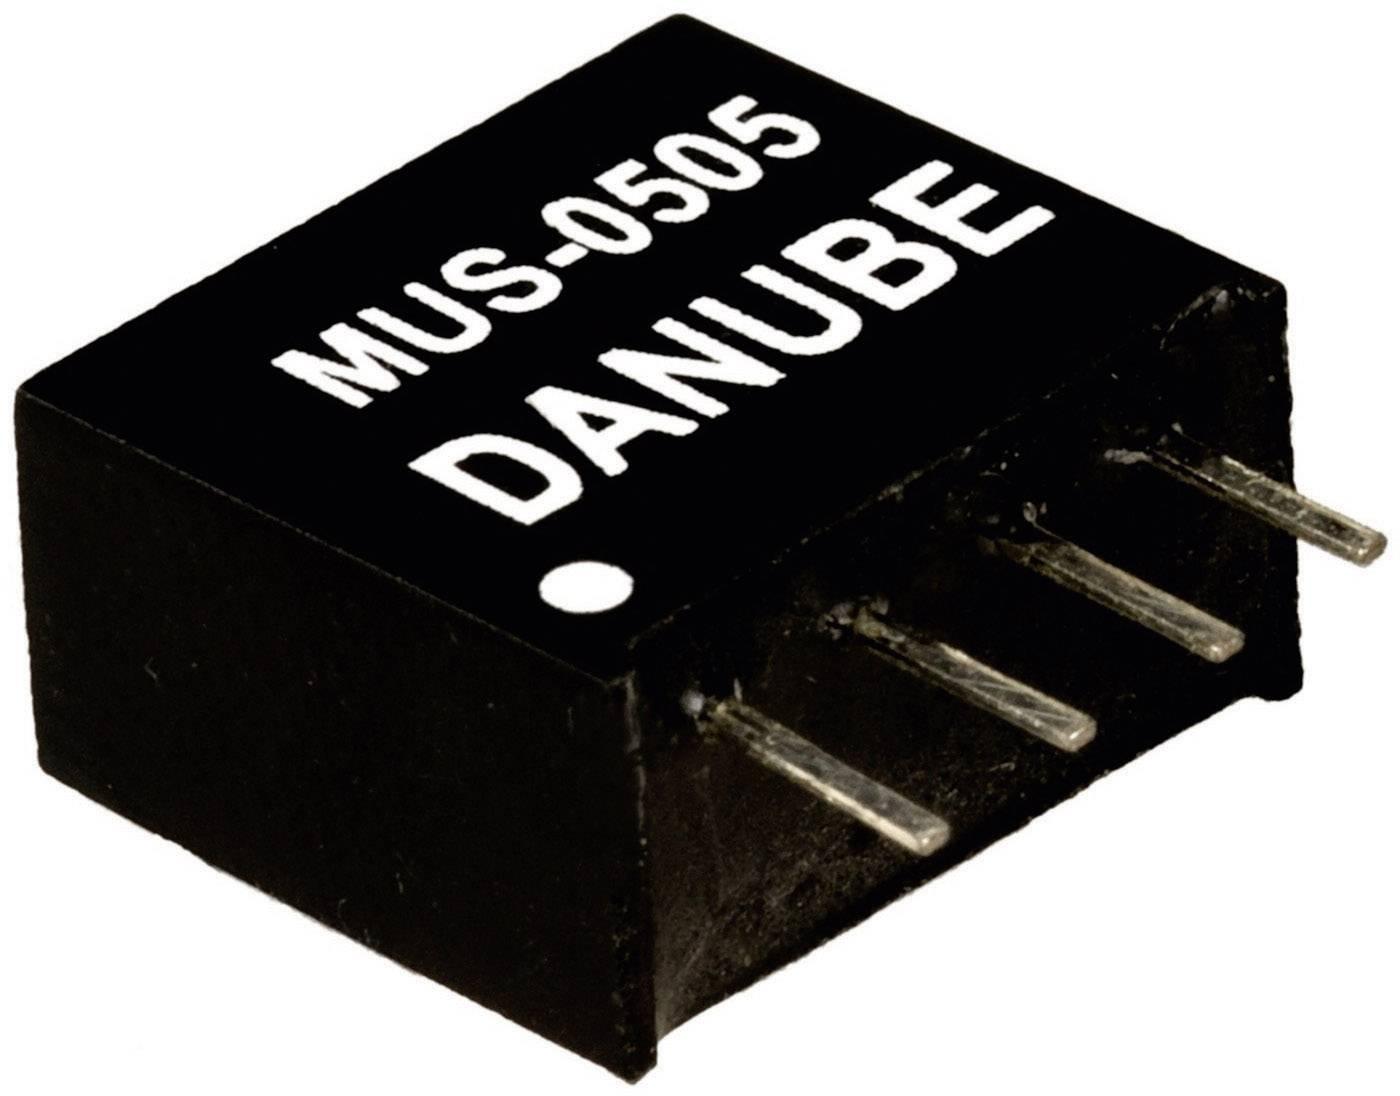 DC/DC měnič Danube MUS-0505, 5 V/DC, 200 mA, 1 W